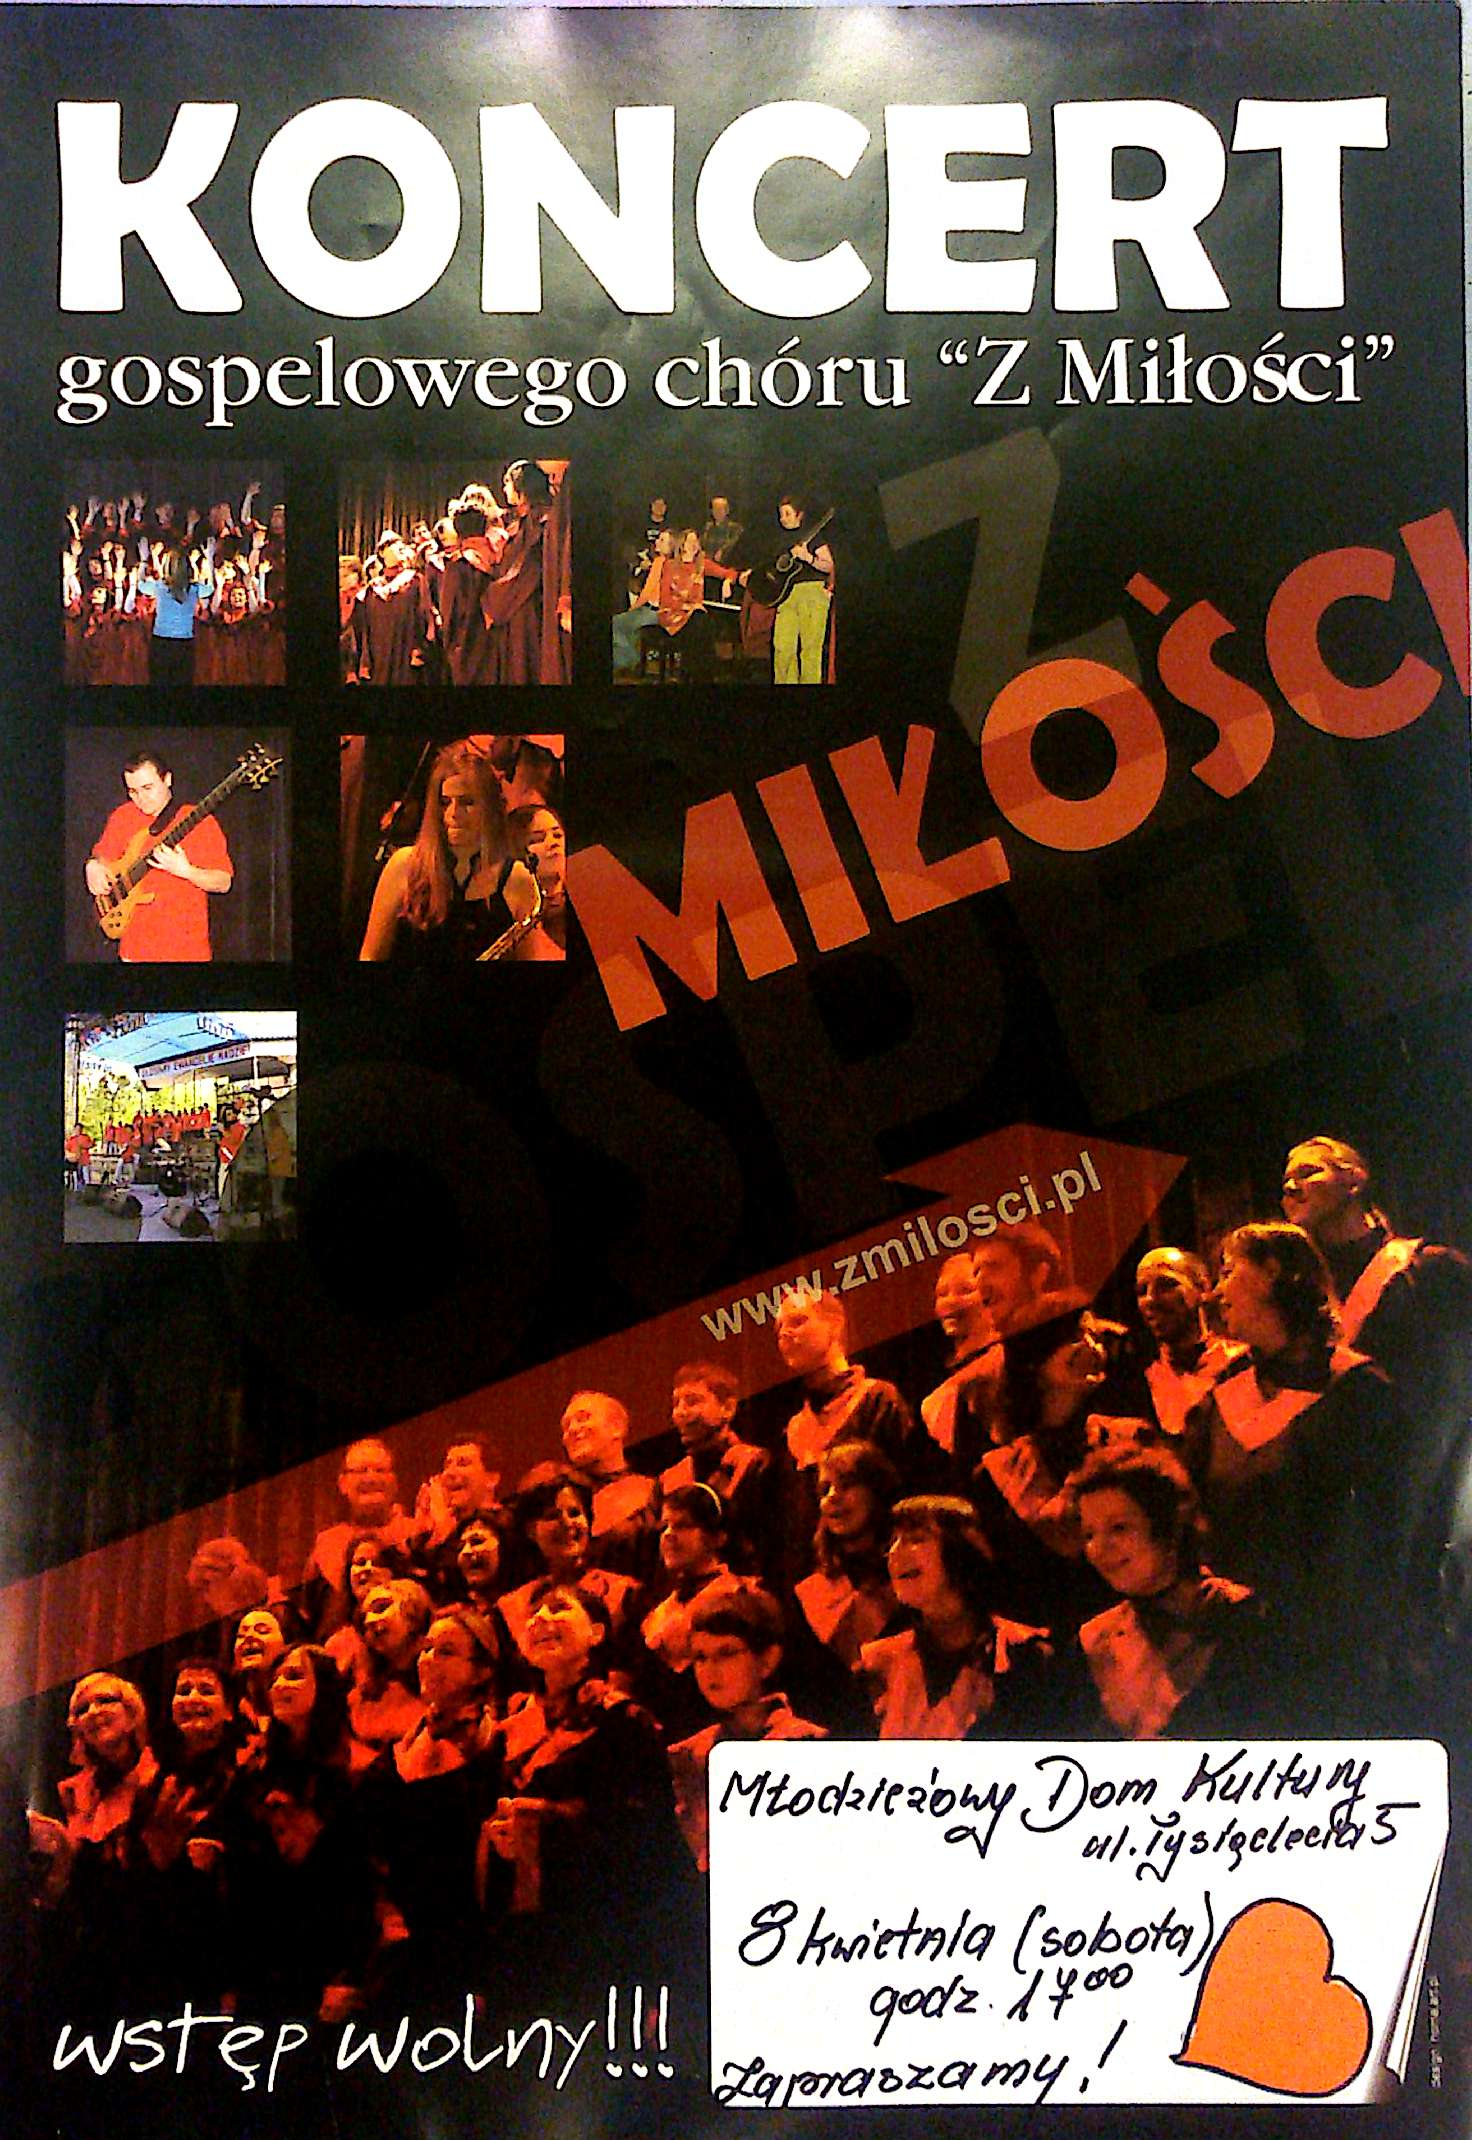 Najbliższe koncerty: 7 i 8 kwietnia 2017 r. w Chorzowie i Katowicach